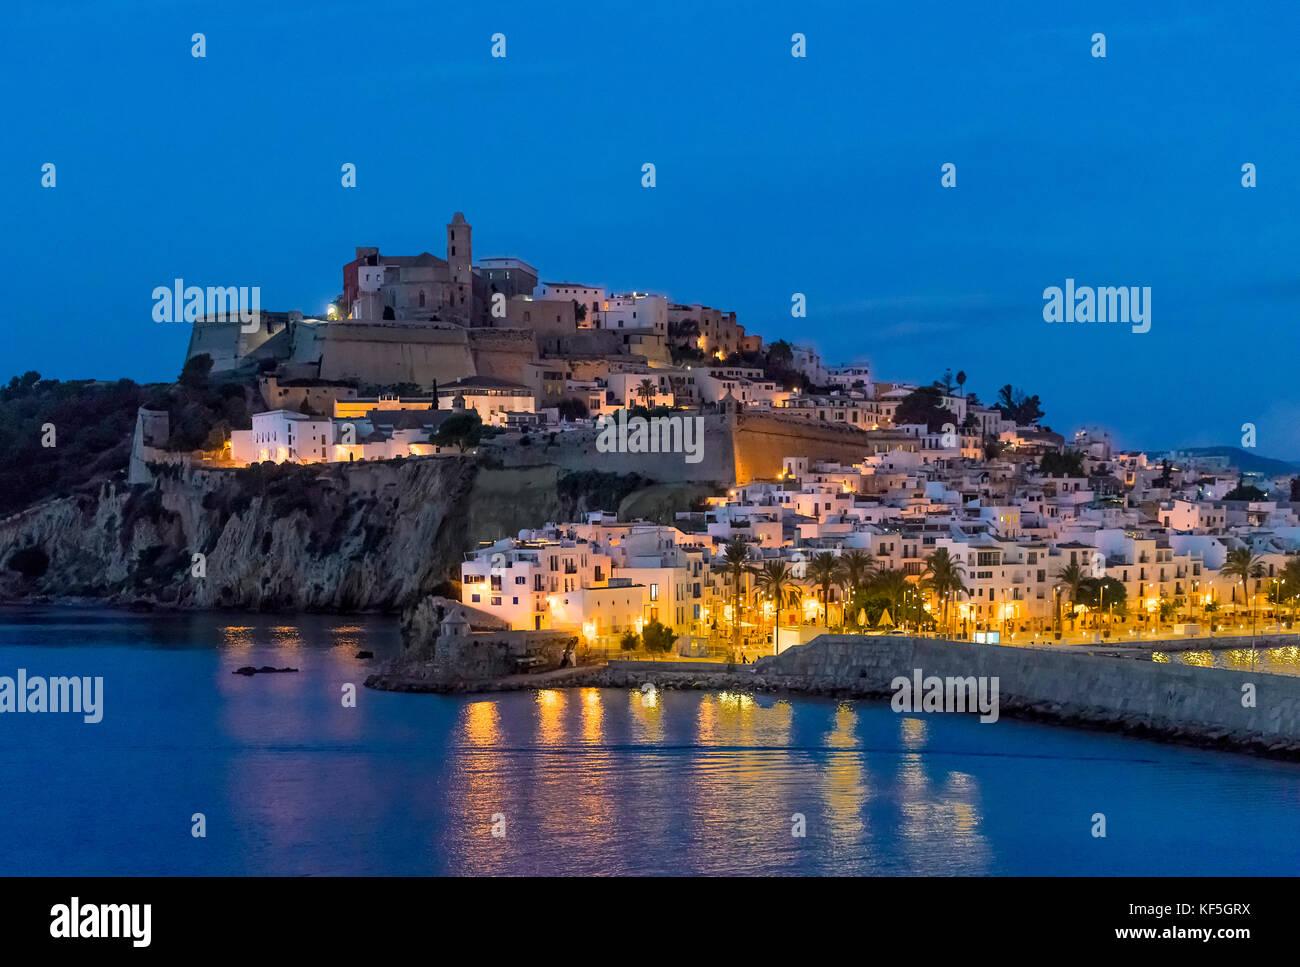 La ville d'ibiza et de la cathédrale de santa maria d'Eivissa la nuit, Ibiza, Baléares, Espagne. Banque D'Images